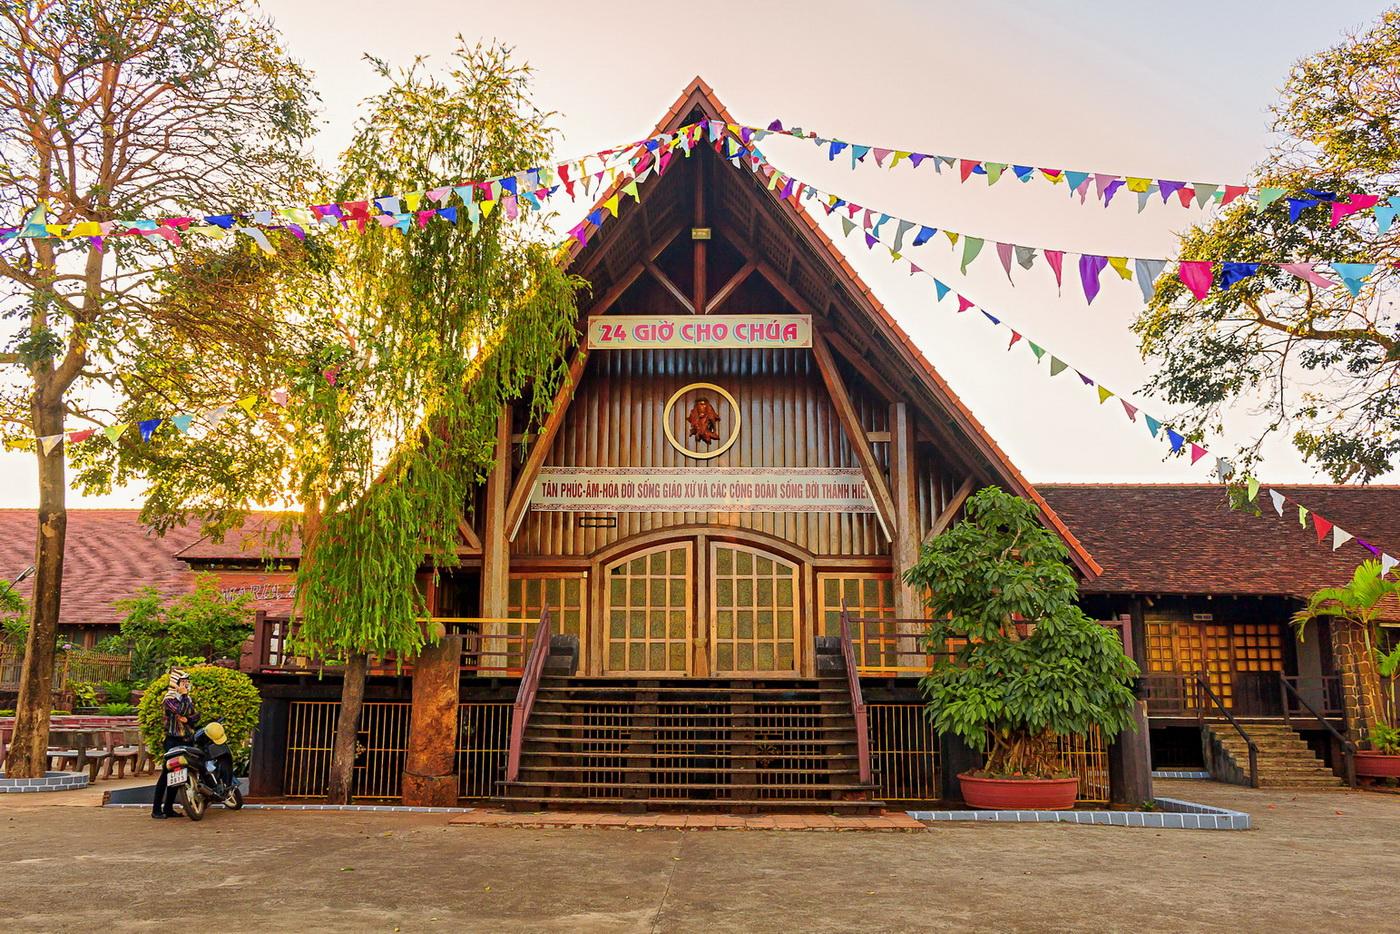 Thông tin về chuyến viếng thăm của Phái đoàn Tòa Thánh tạị Việt Nam